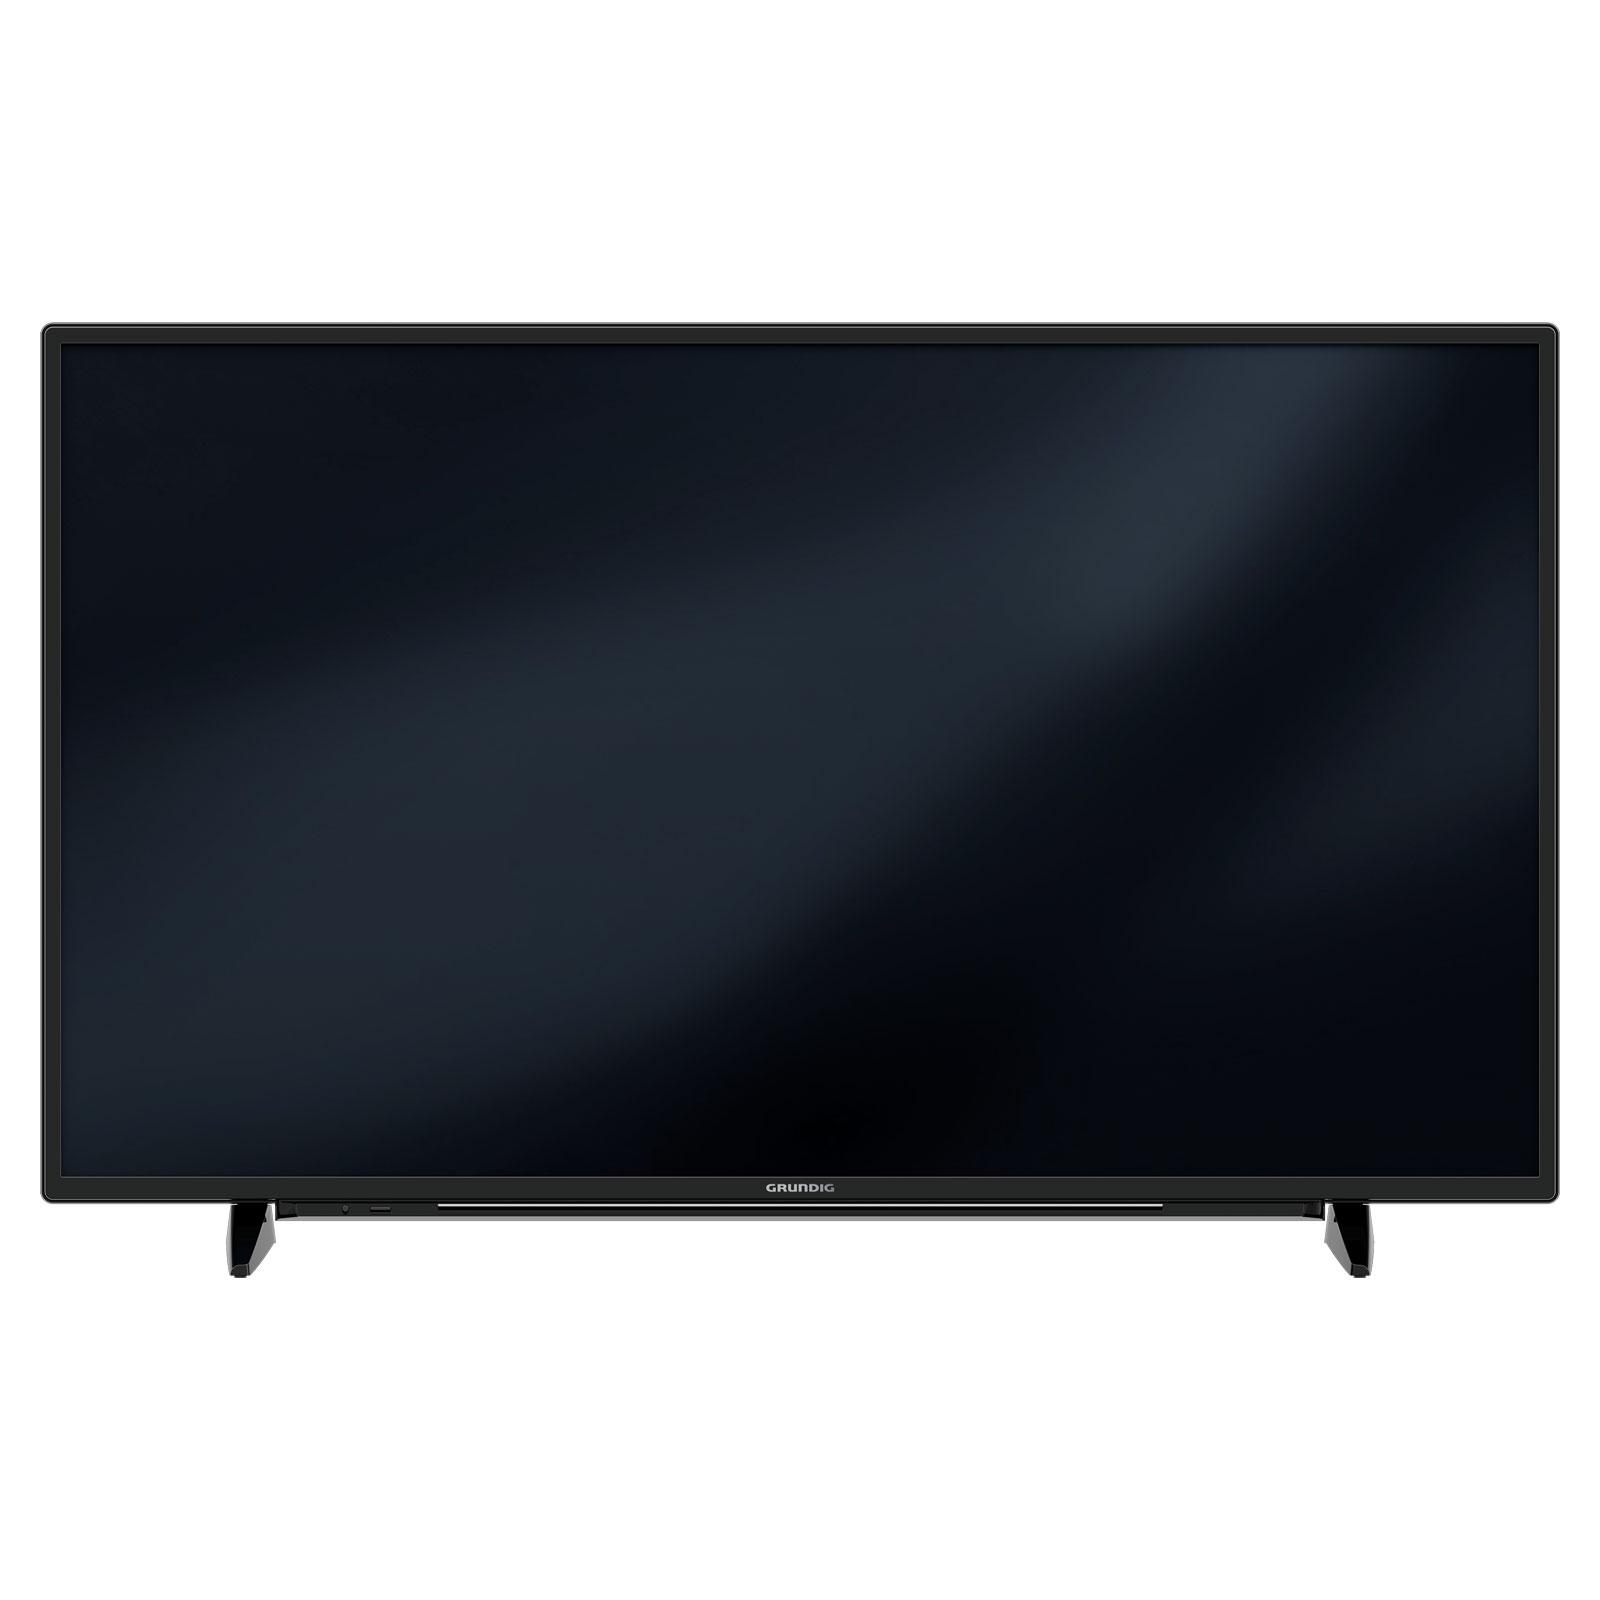 Tv 55 Pouces Achat Vente Tv 55 Pouces Sur Ldlc Com # Meuble Tv Home Cinema Integre Leclerc